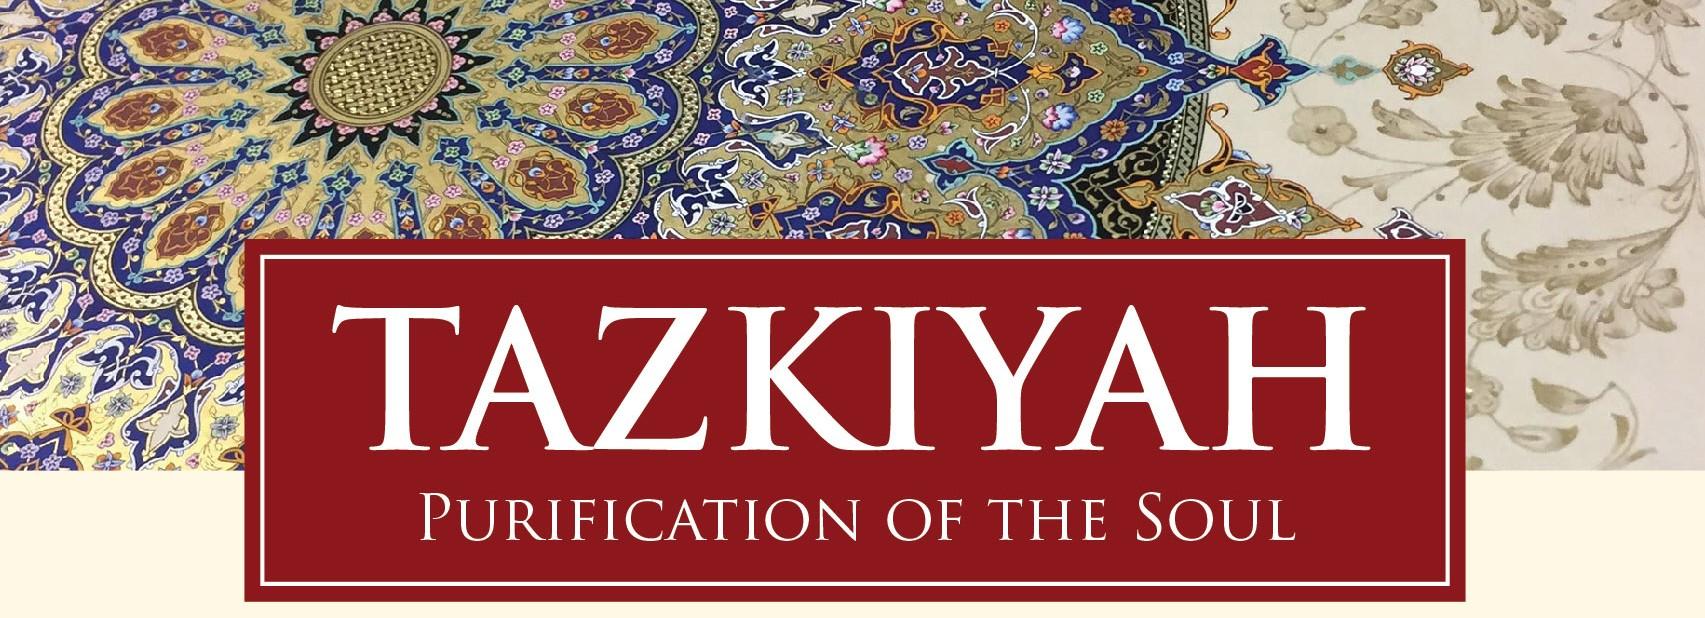 Tazkiyah header